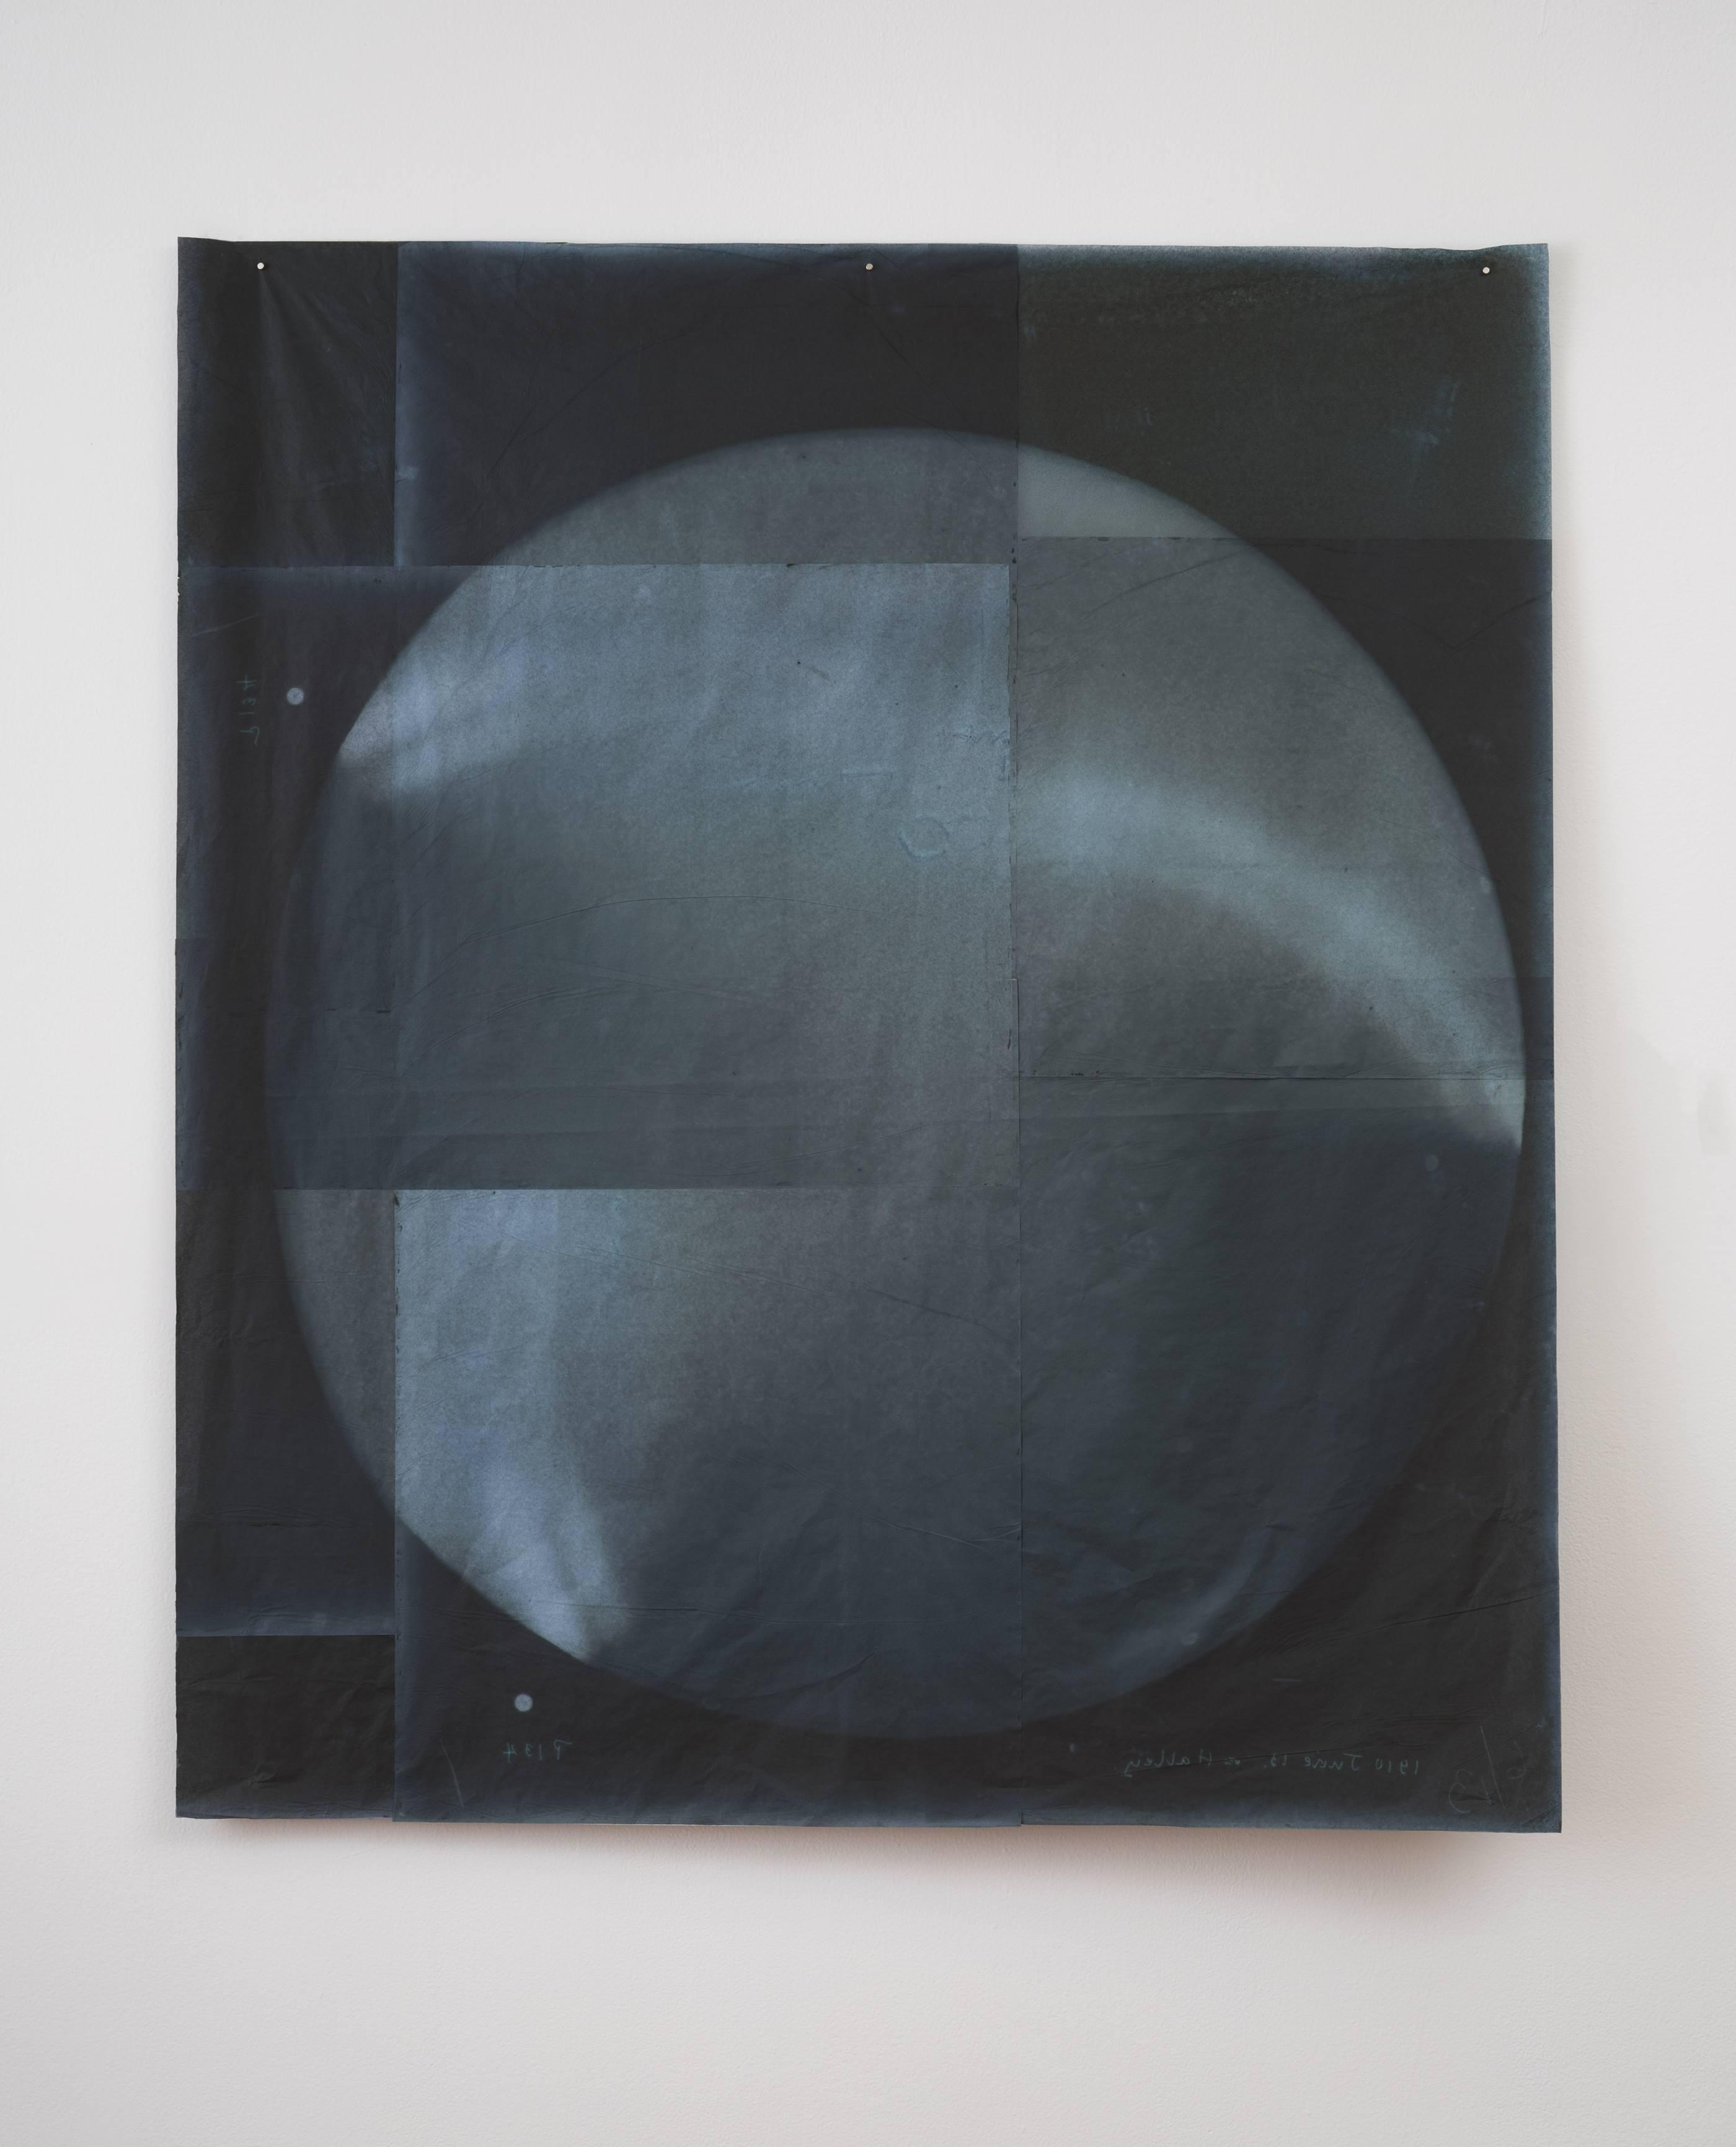 Cometa Halley. Serie Koan, 2016<br/>Impresión digital sobre papel cebolla. 150 x 150 cm Ed. 5